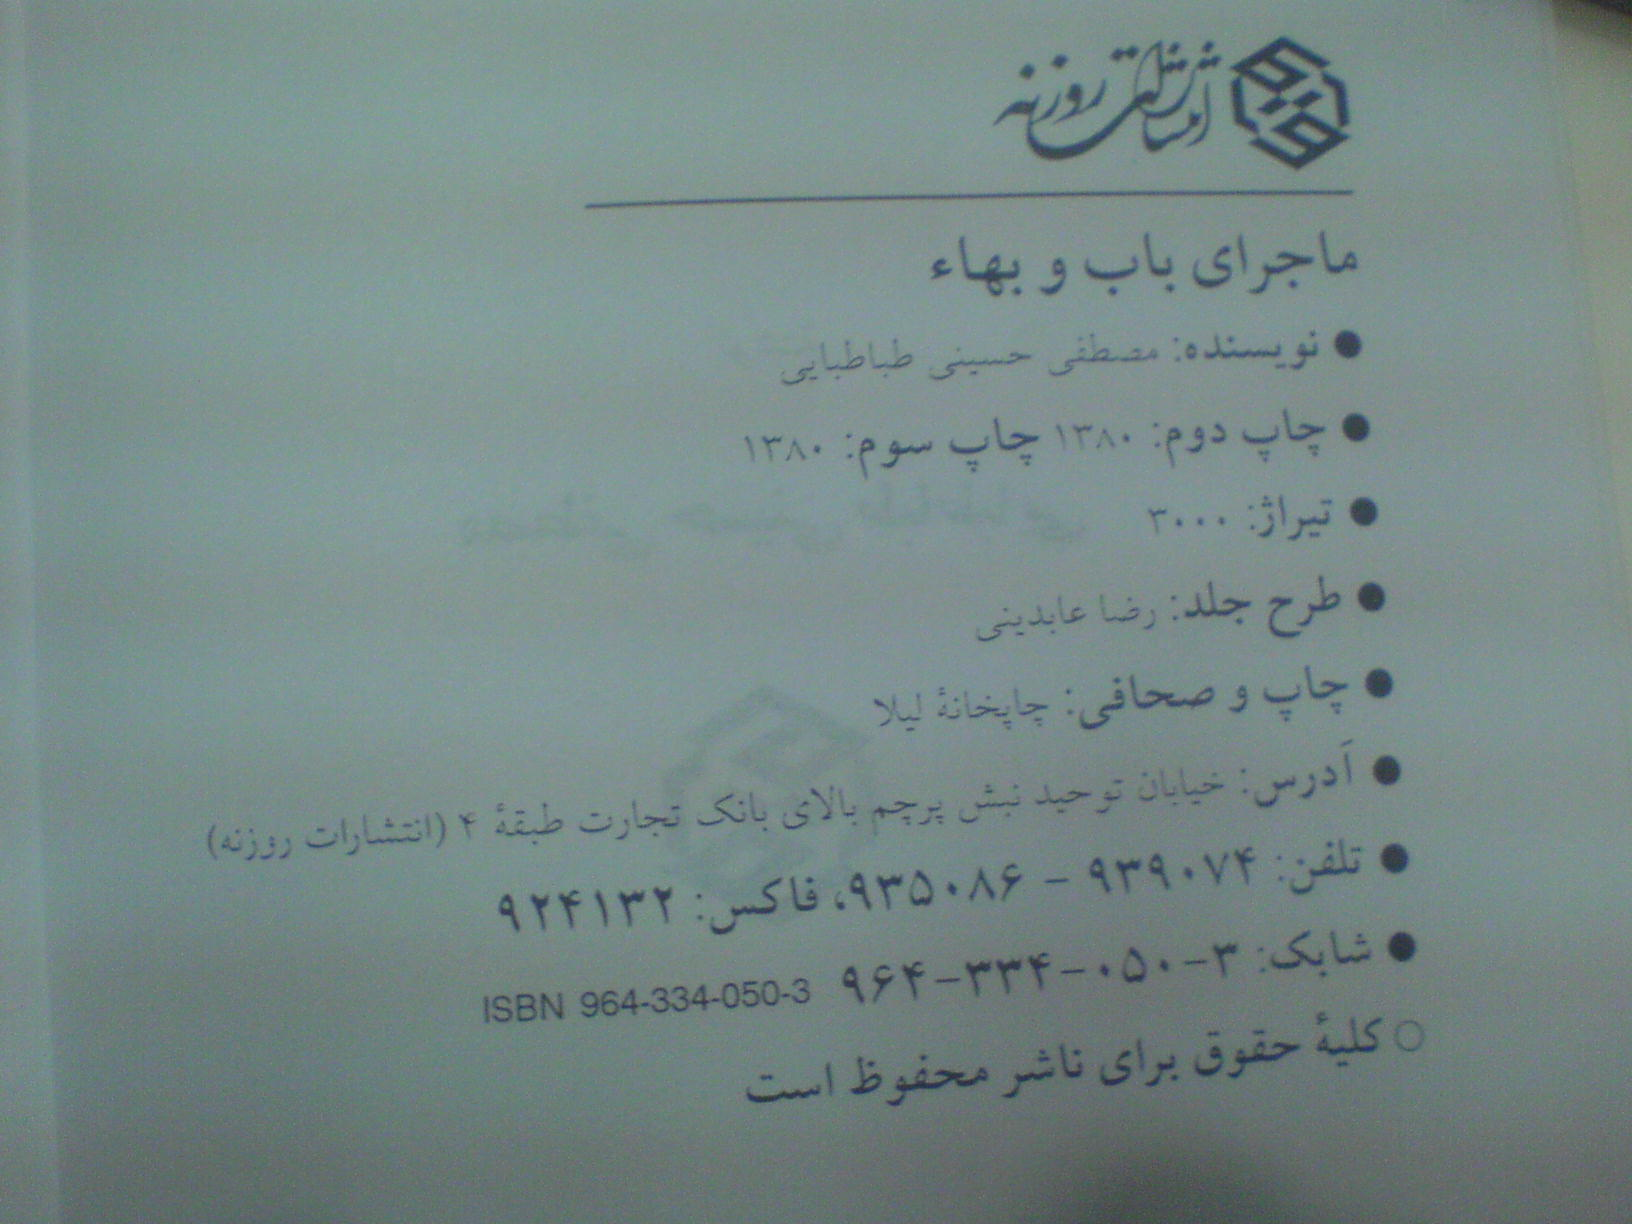 ماجرای باب و بها . مصطفی حسینی طباطبایی